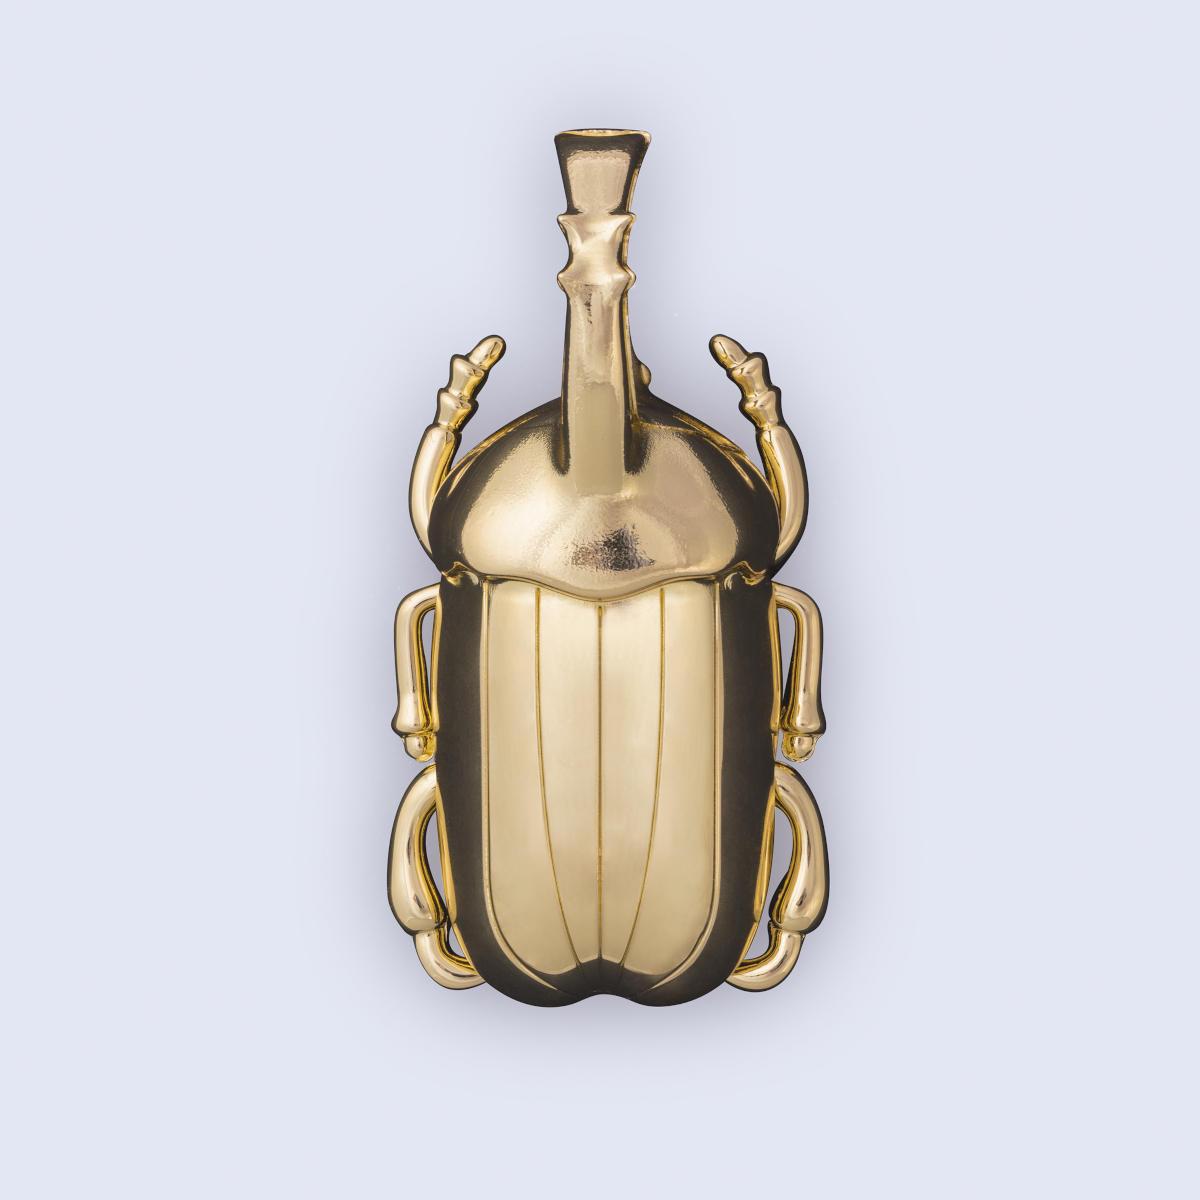 Insectum Kapsylöppnare - Guld REA 50%